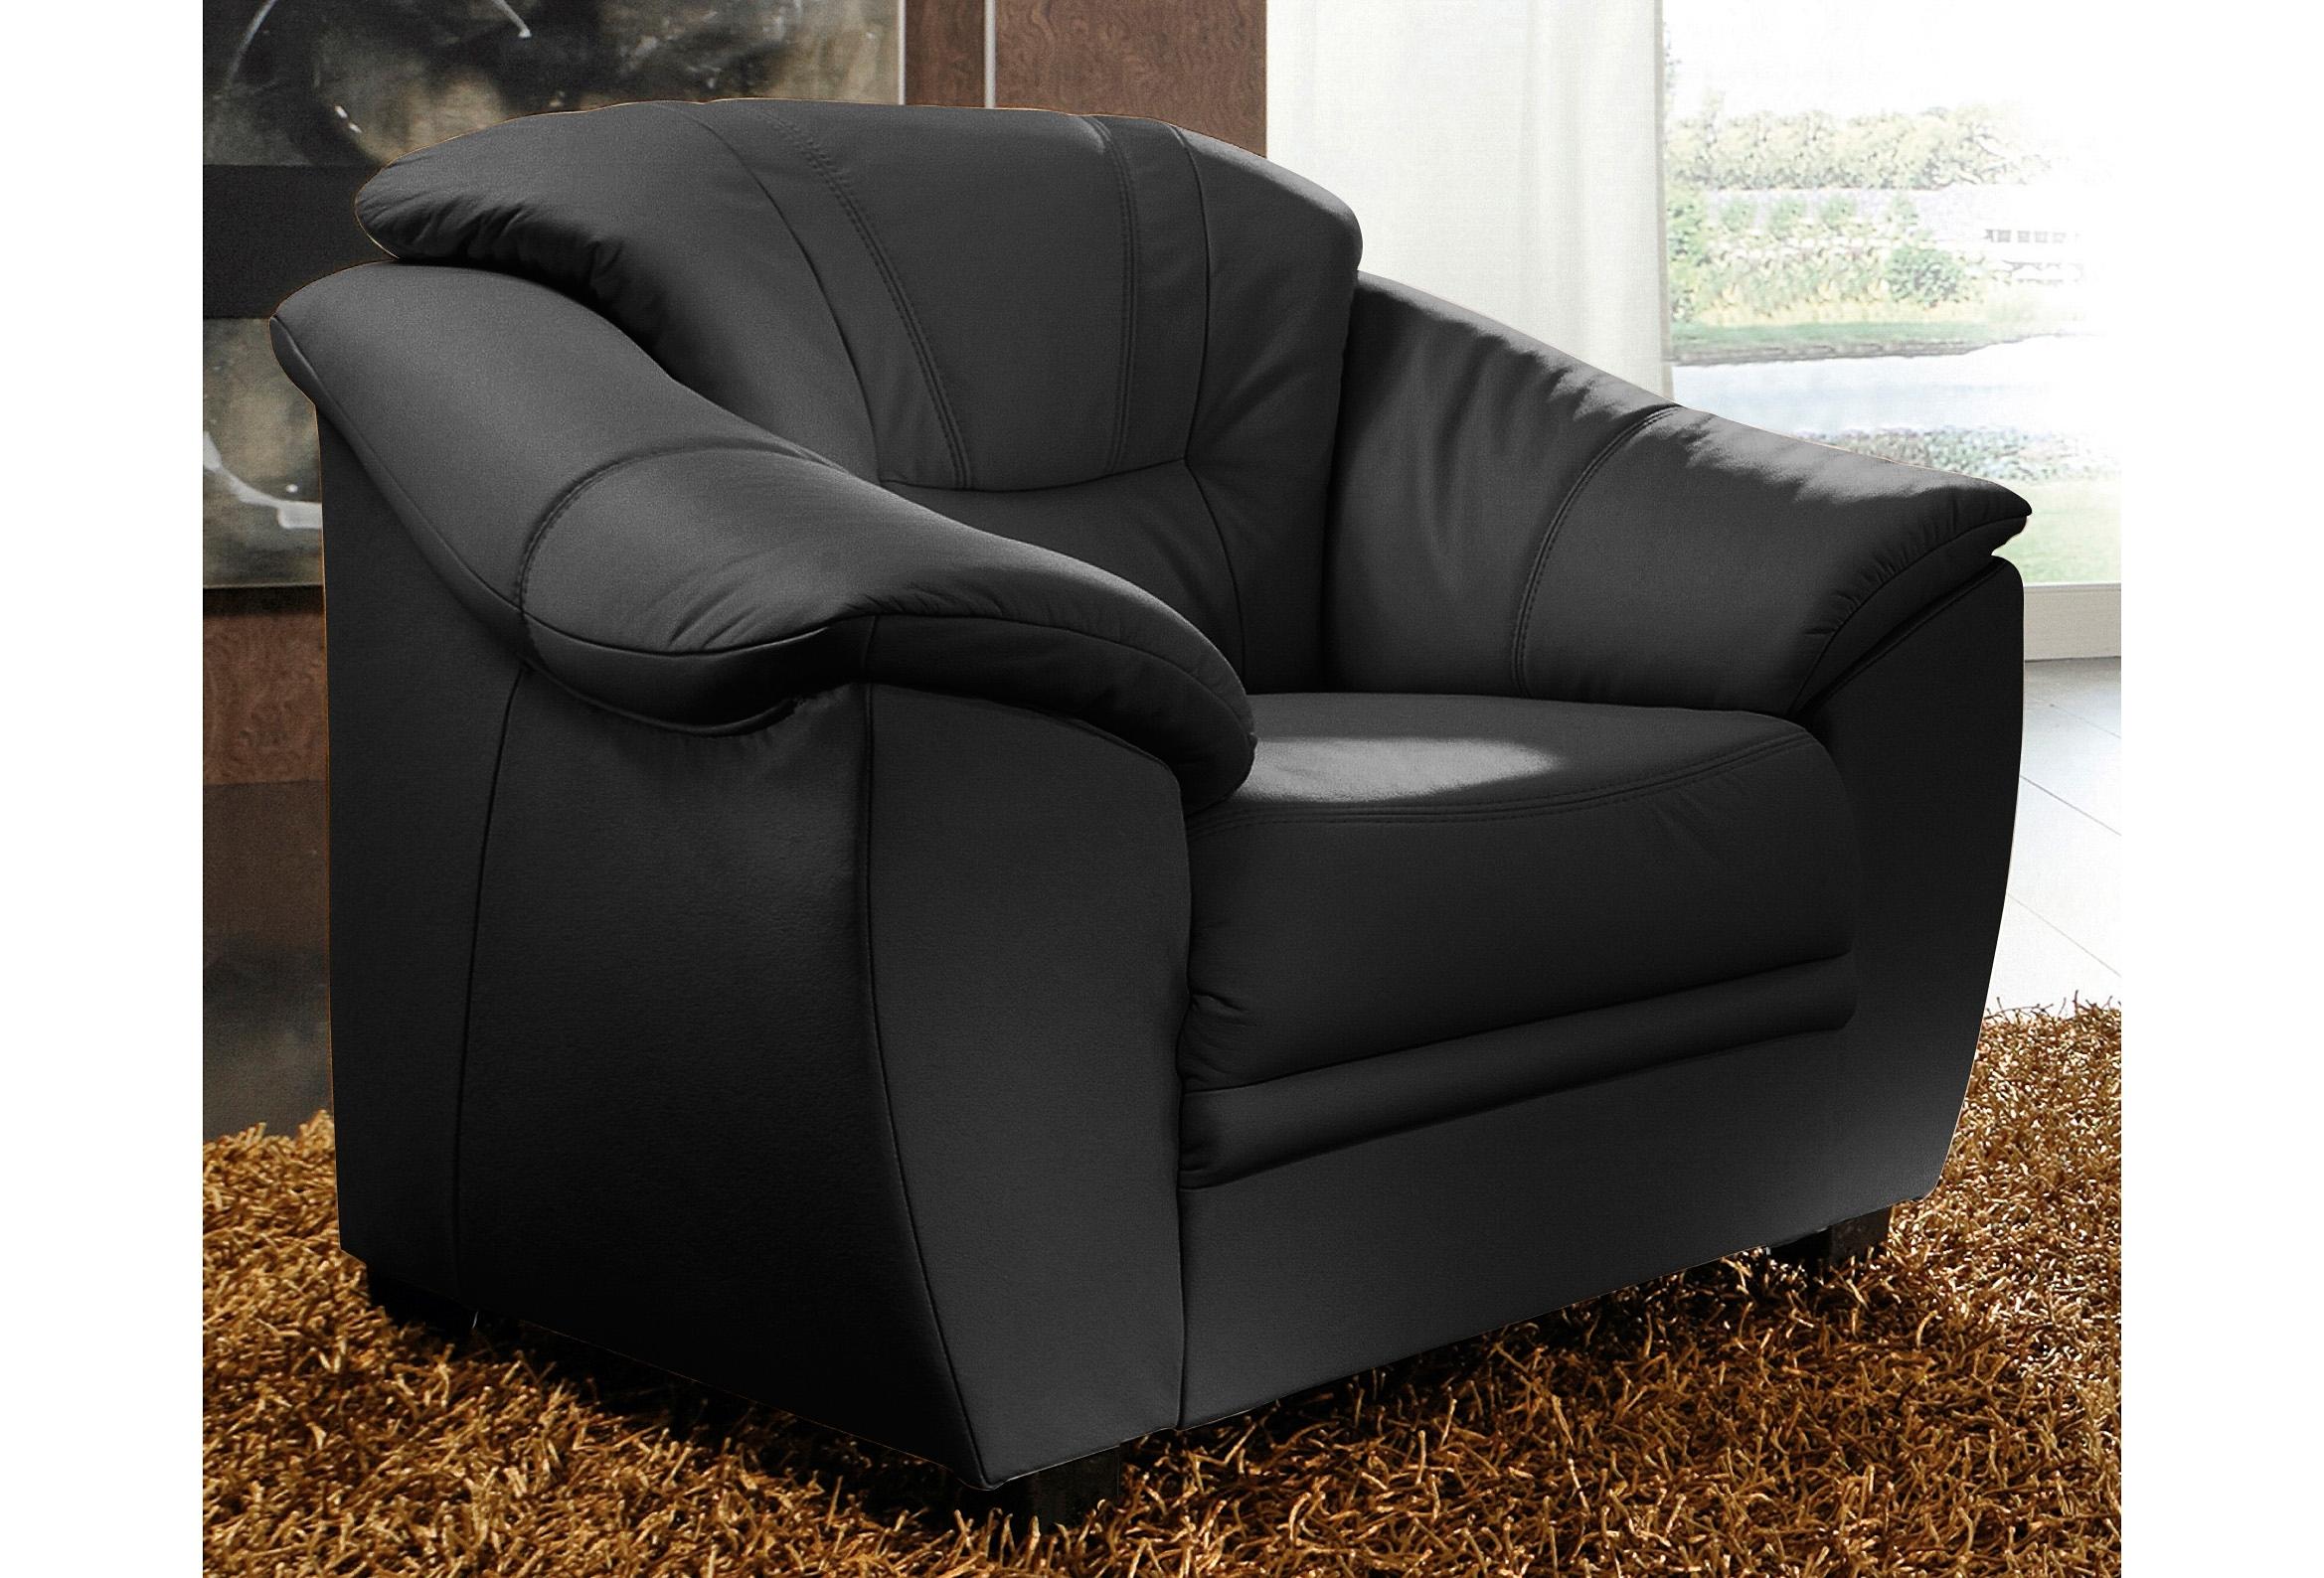 Sit&more Fauteuil, Primabelle, Softlux of Softlux/structuur goedkoop op otto.nl kopen